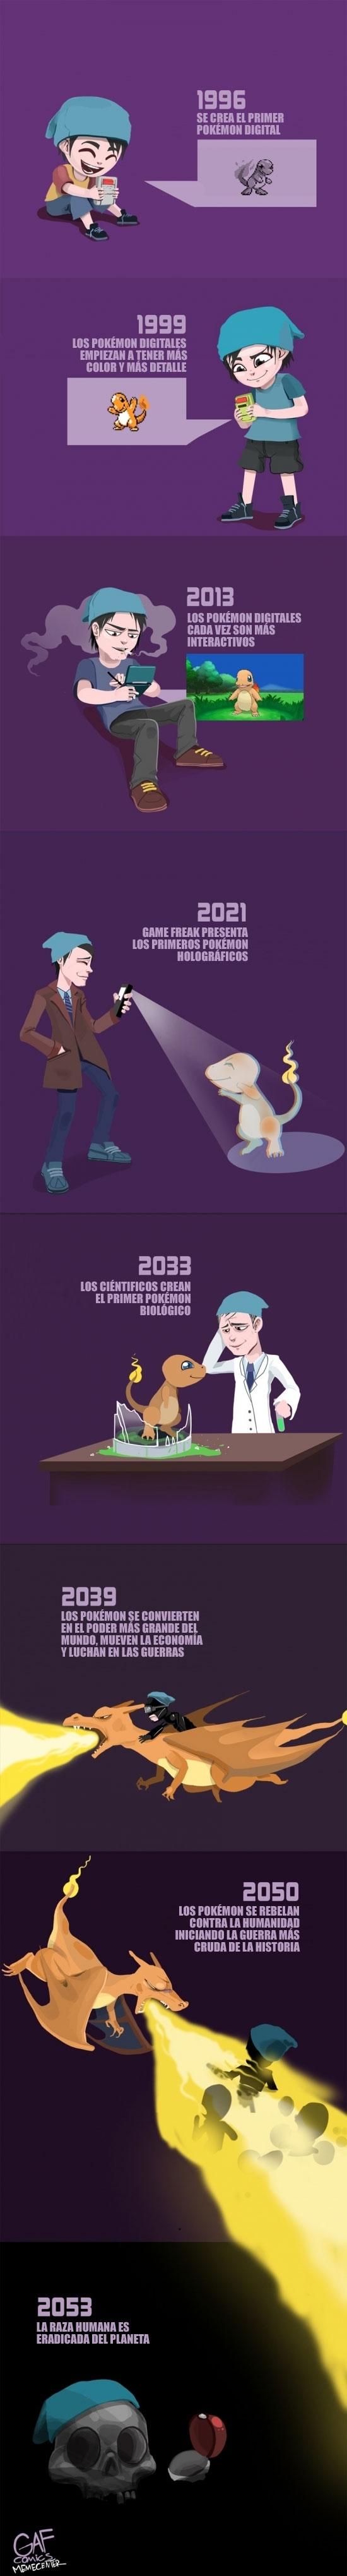 Otros - ¿Y si los Pokémon se hiciesen reales? Igual no sería tan buena idea...